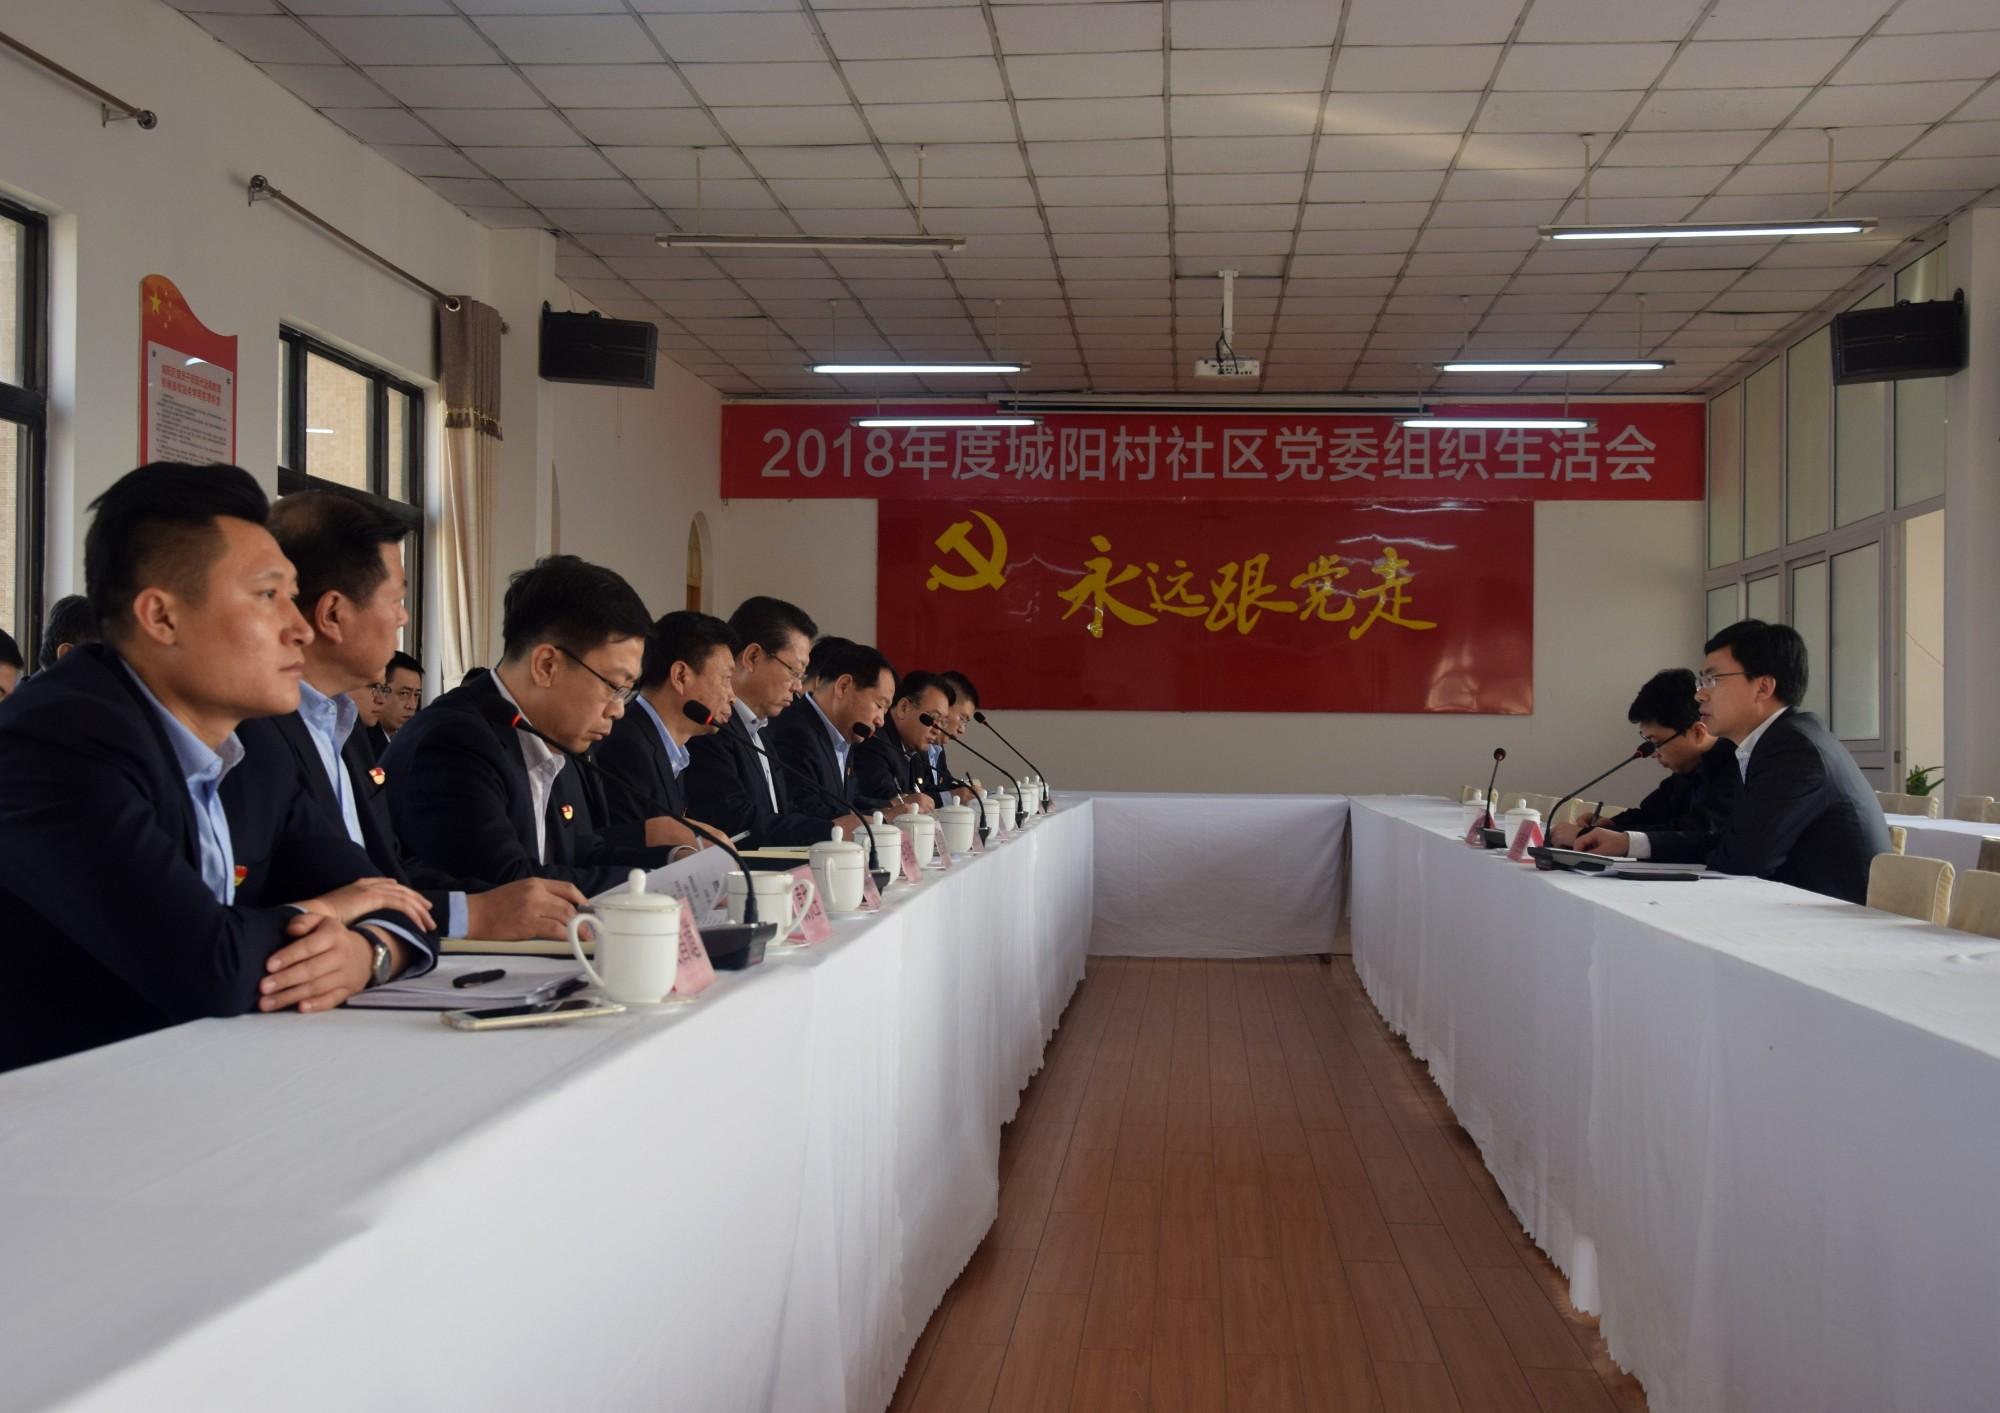 2018年度城阳村社区党委组织生活会召开